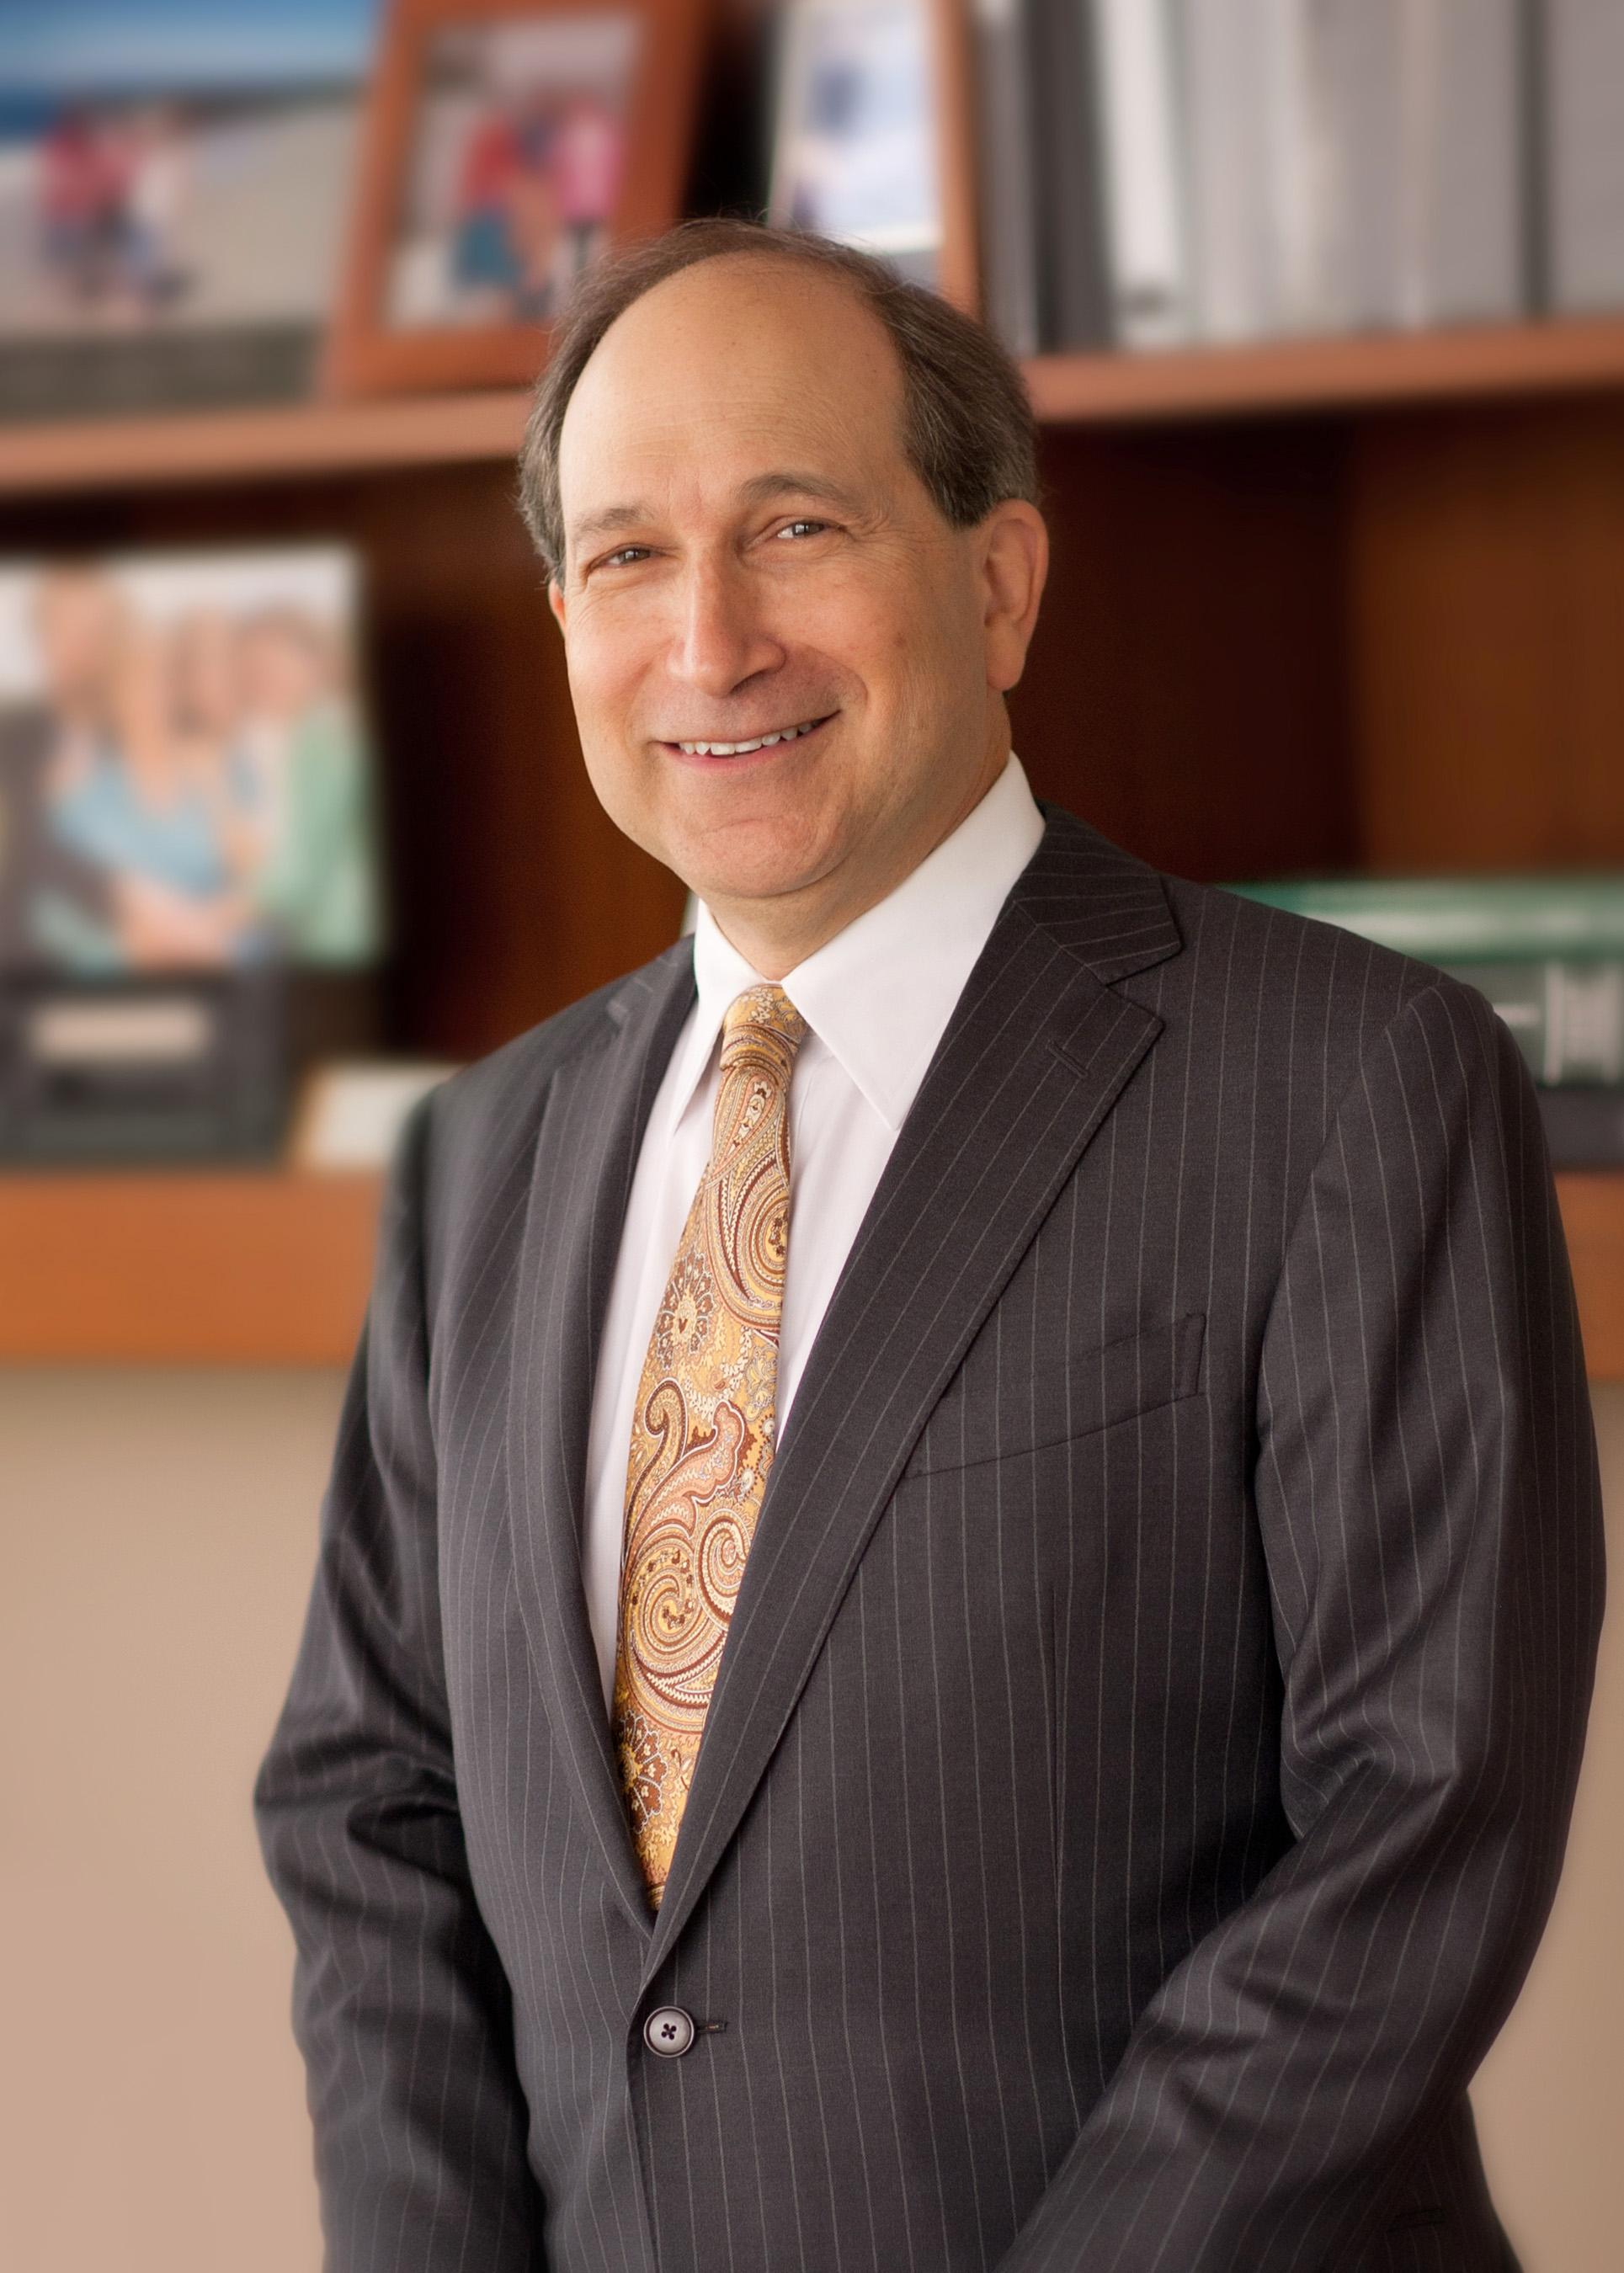 Image of David B. Weinstein